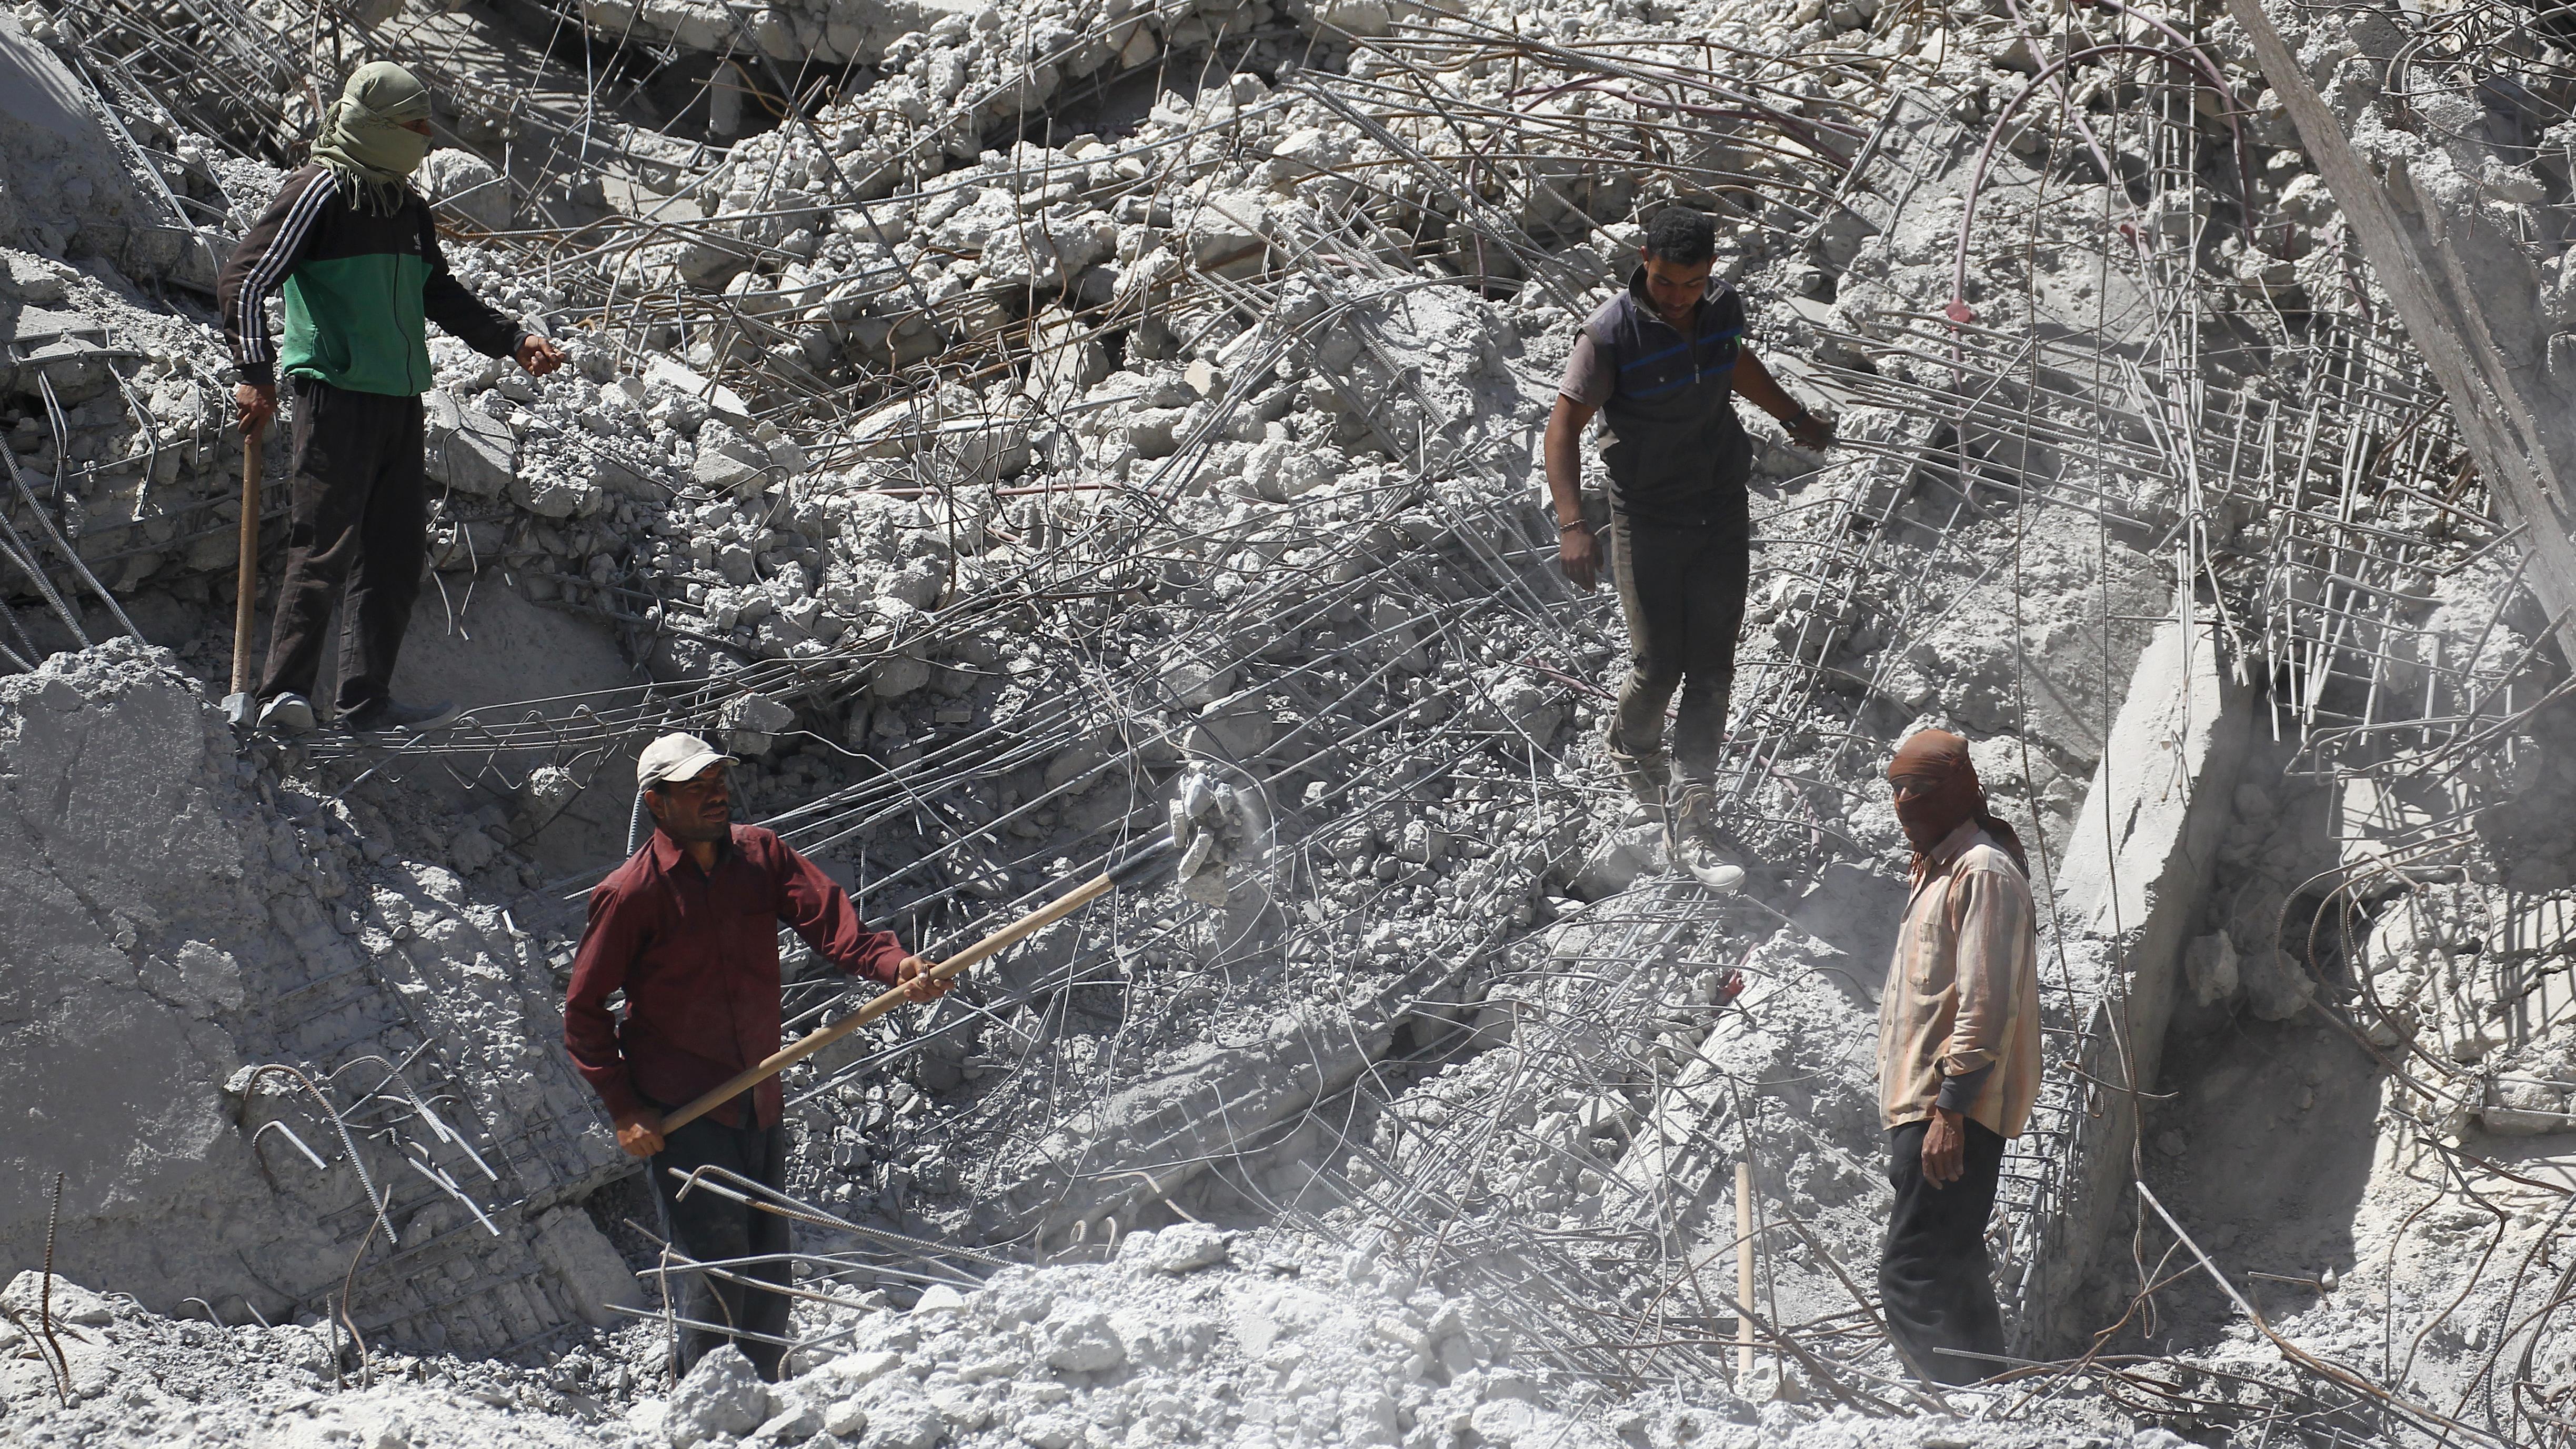 Des dizaines de cadavres découverts dans un charnier en Syrie